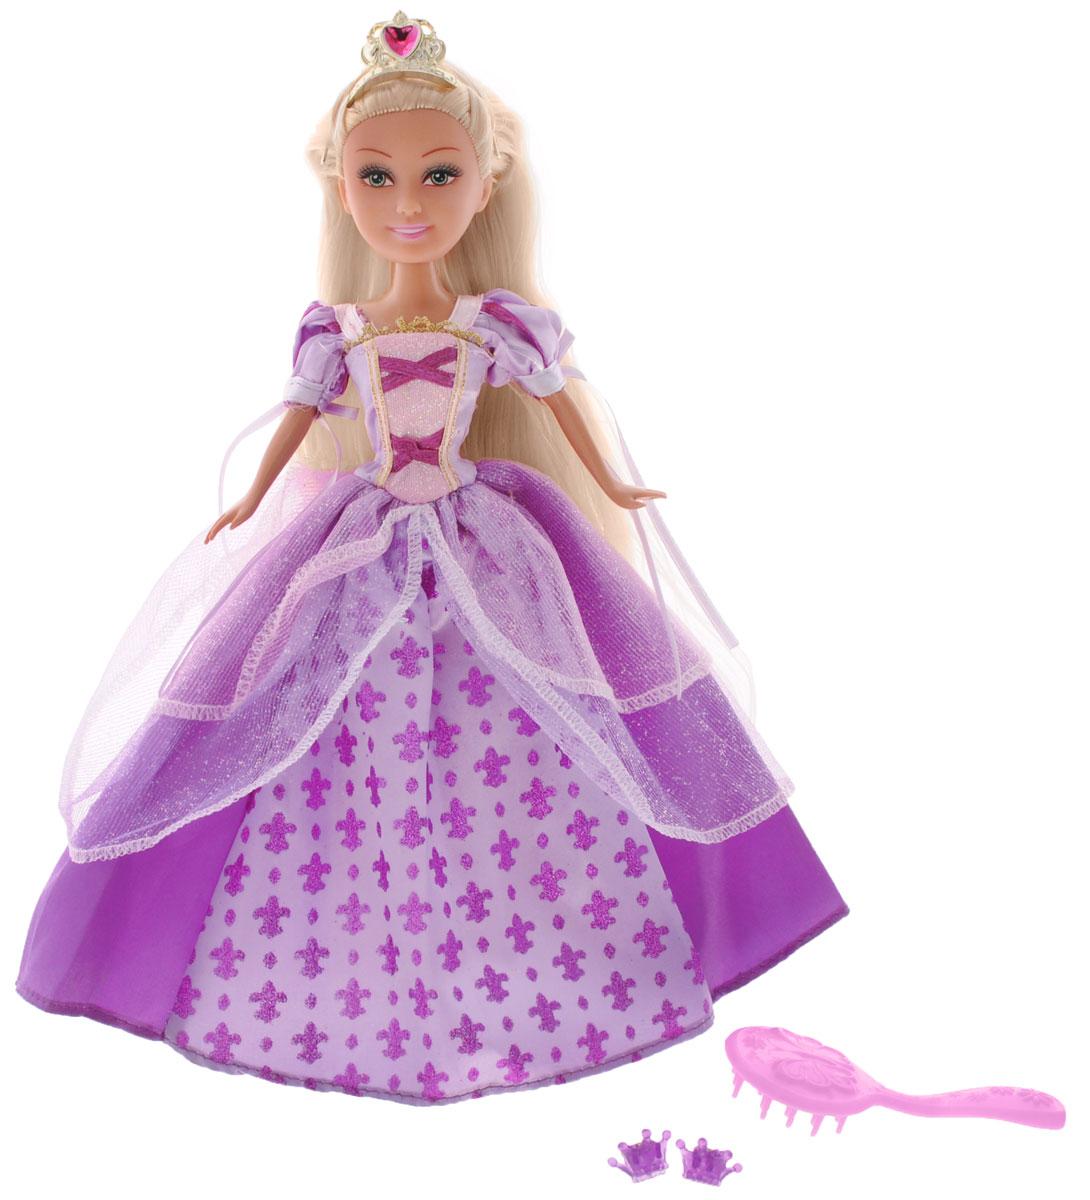 ABtoys Кукла Классическая принцесса240290Великолепная кукла ABtoys Классическая принцесса обязательно порадует вашу малышку и доставит ей много удовольствия от часов, посвященных игре с ней. Куколка с длинными светлыми волосами одета в шикарное фиолетовое платье принцессы, украшенное блестками. На голове куклы надета диадема с розовым драгоценным камнем в форме сердца. Ножки, голова и ручки куколки подвижны, а волосы можно расчесывать. Вместе с куклой в наборе предлагается расческа, 2 заколки для волос и пара туфелек. Brilliance Fair - милые подружки! Эти девочки могут развлекаться и никогда не устают друг от друга! Их невероятно привлекательные наряды делают их абсолютными королевами любой вечеринки! Кукла станет настоящей подружкой для своей юной обладательницы! Порадуйте свою малышку таким великолепным подарком!